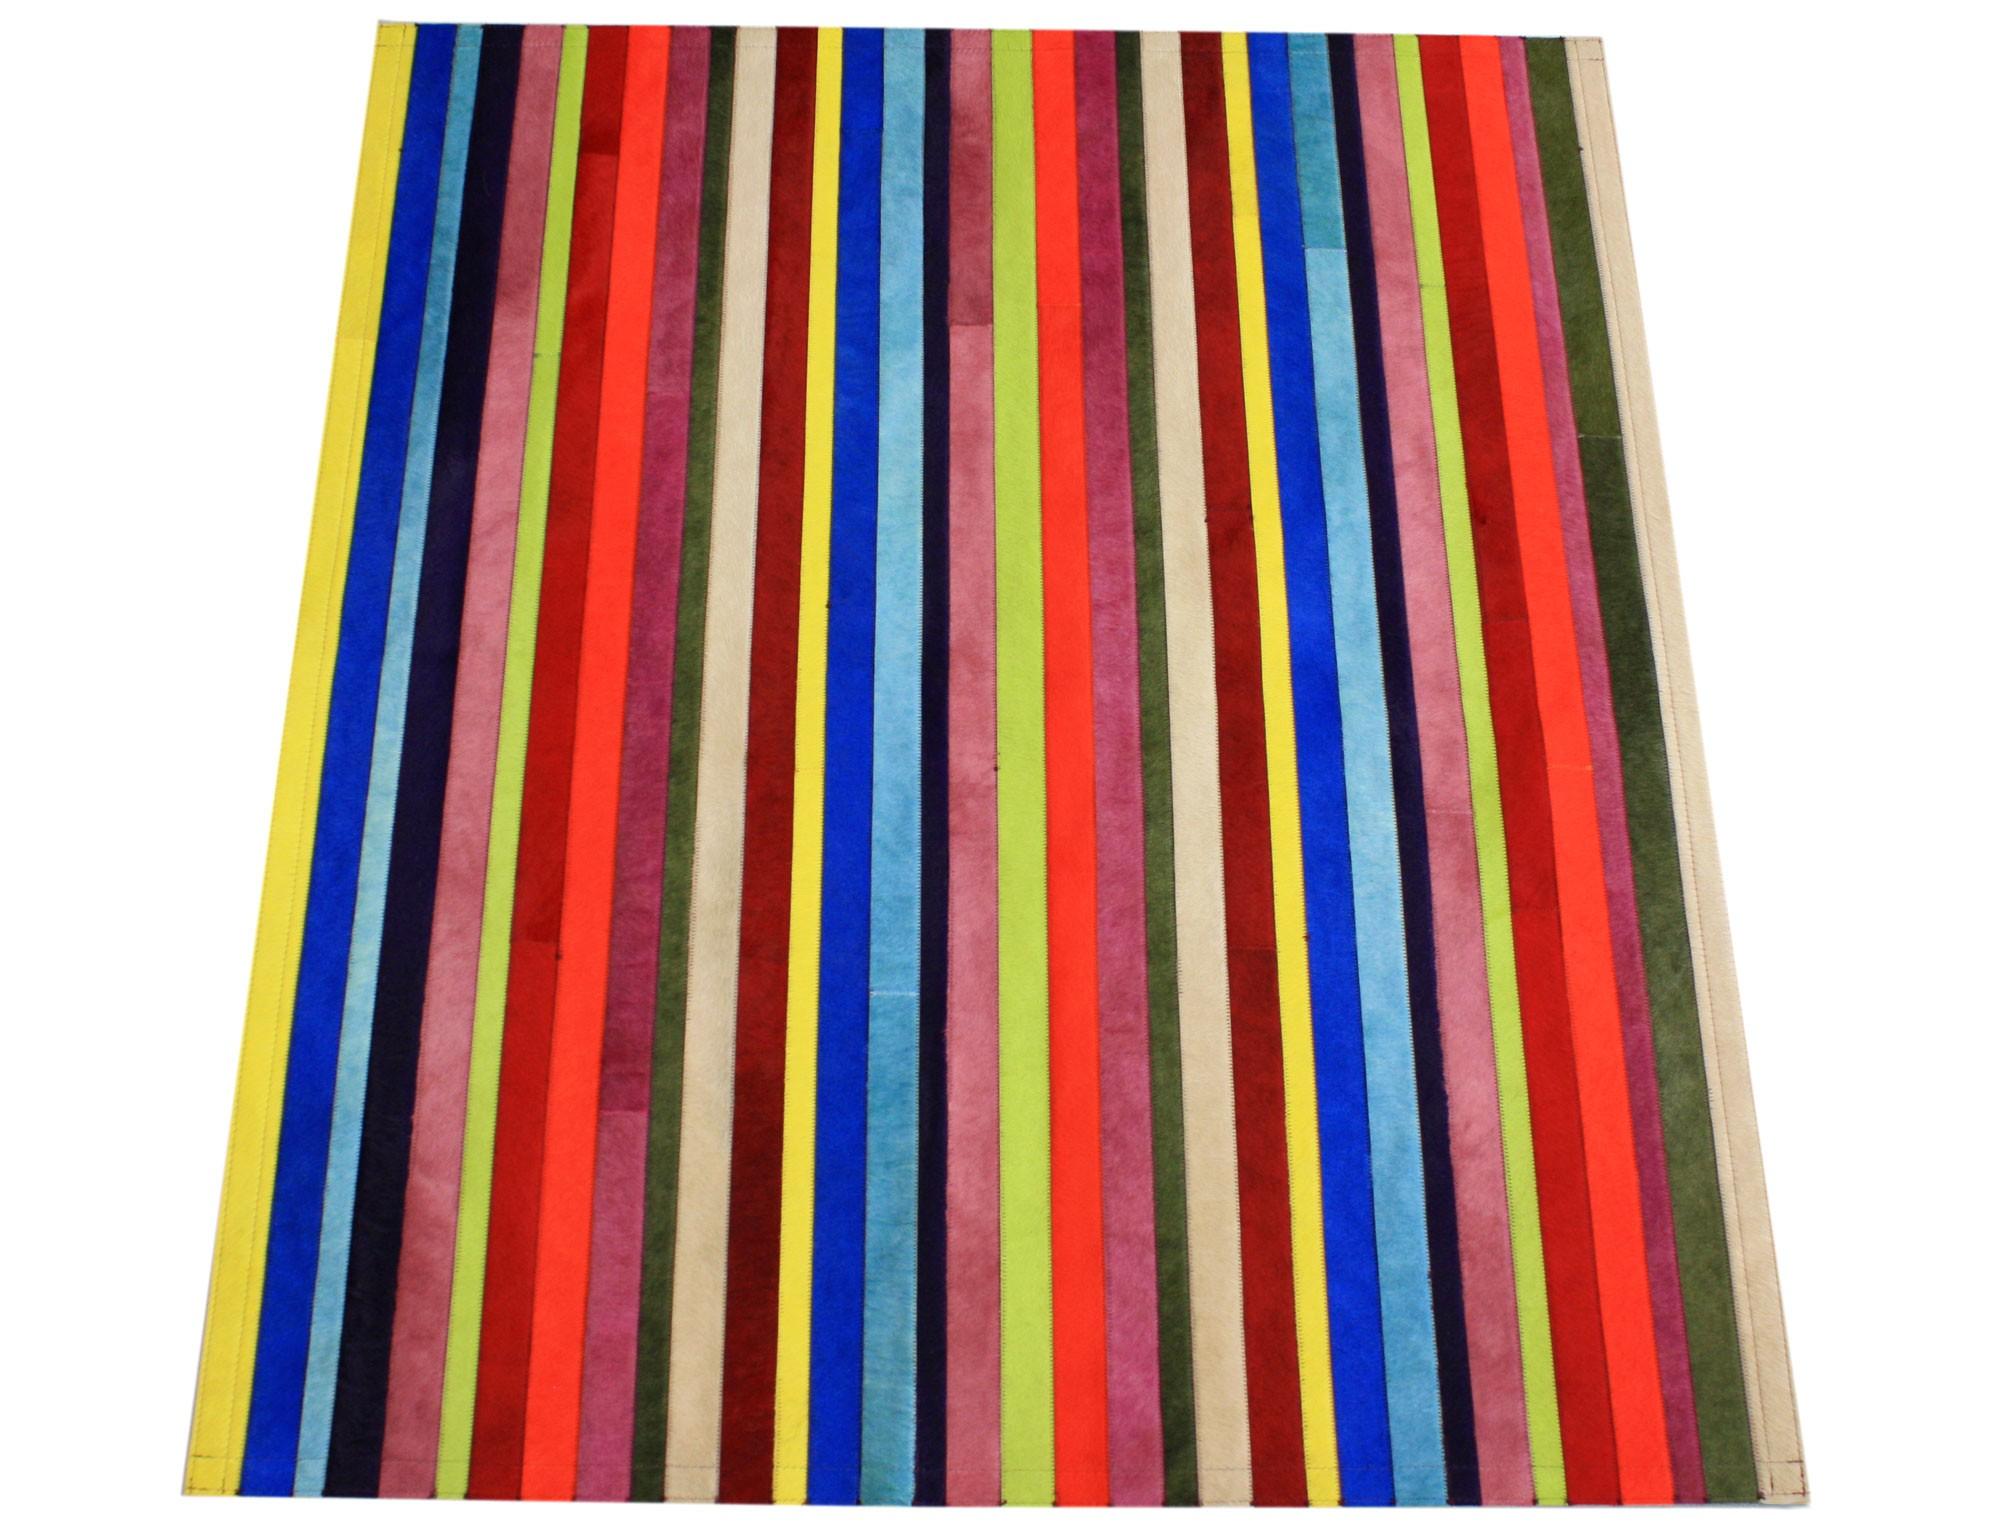 tapis patchwork bandelettes multicolores smile en peau de vache. Black Bedroom Furniture Sets. Home Design Ideas